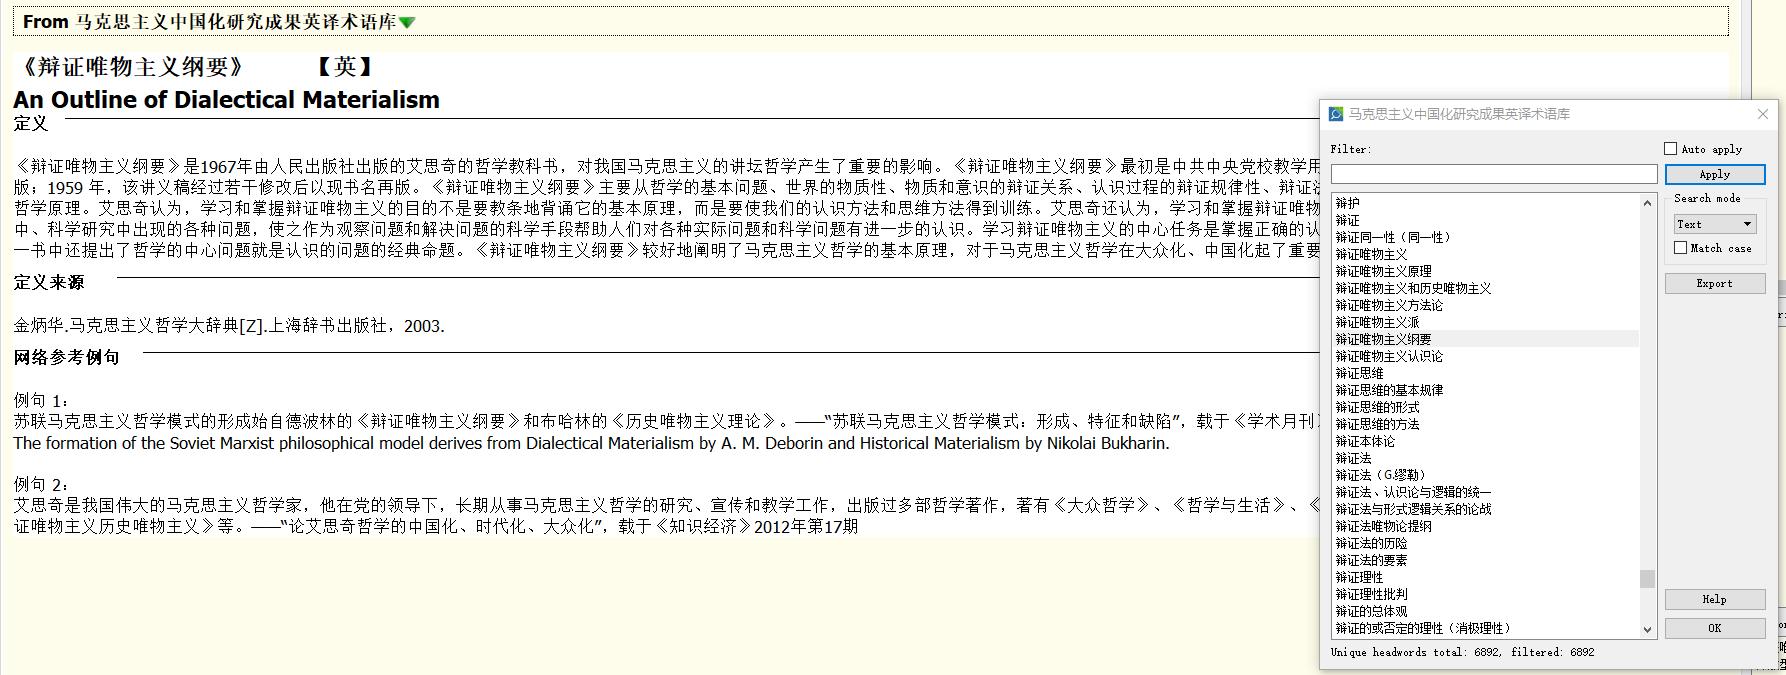 马克思主义中国化研究成果英译术语库